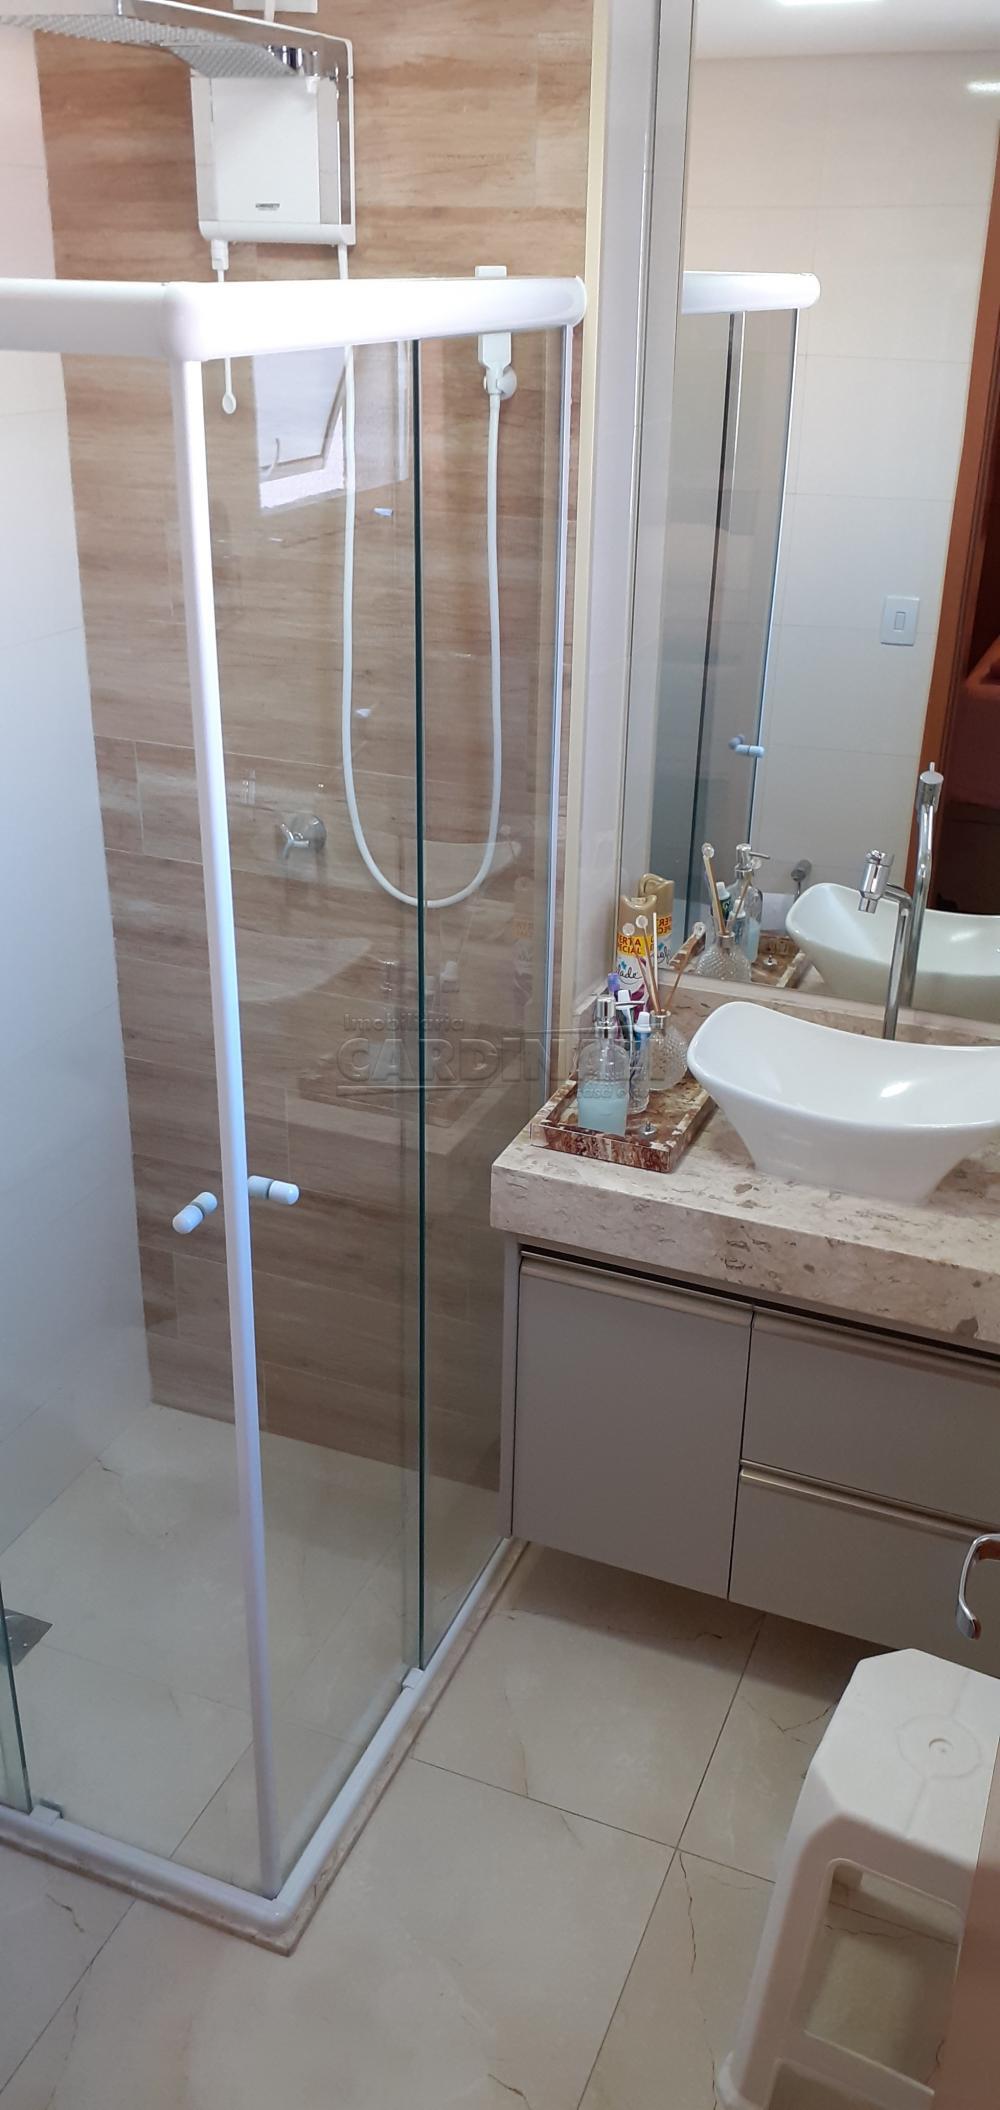 Alugar Apartamento / Padrão em São Carlos apenas R$ 1.700,00 - Foto 25